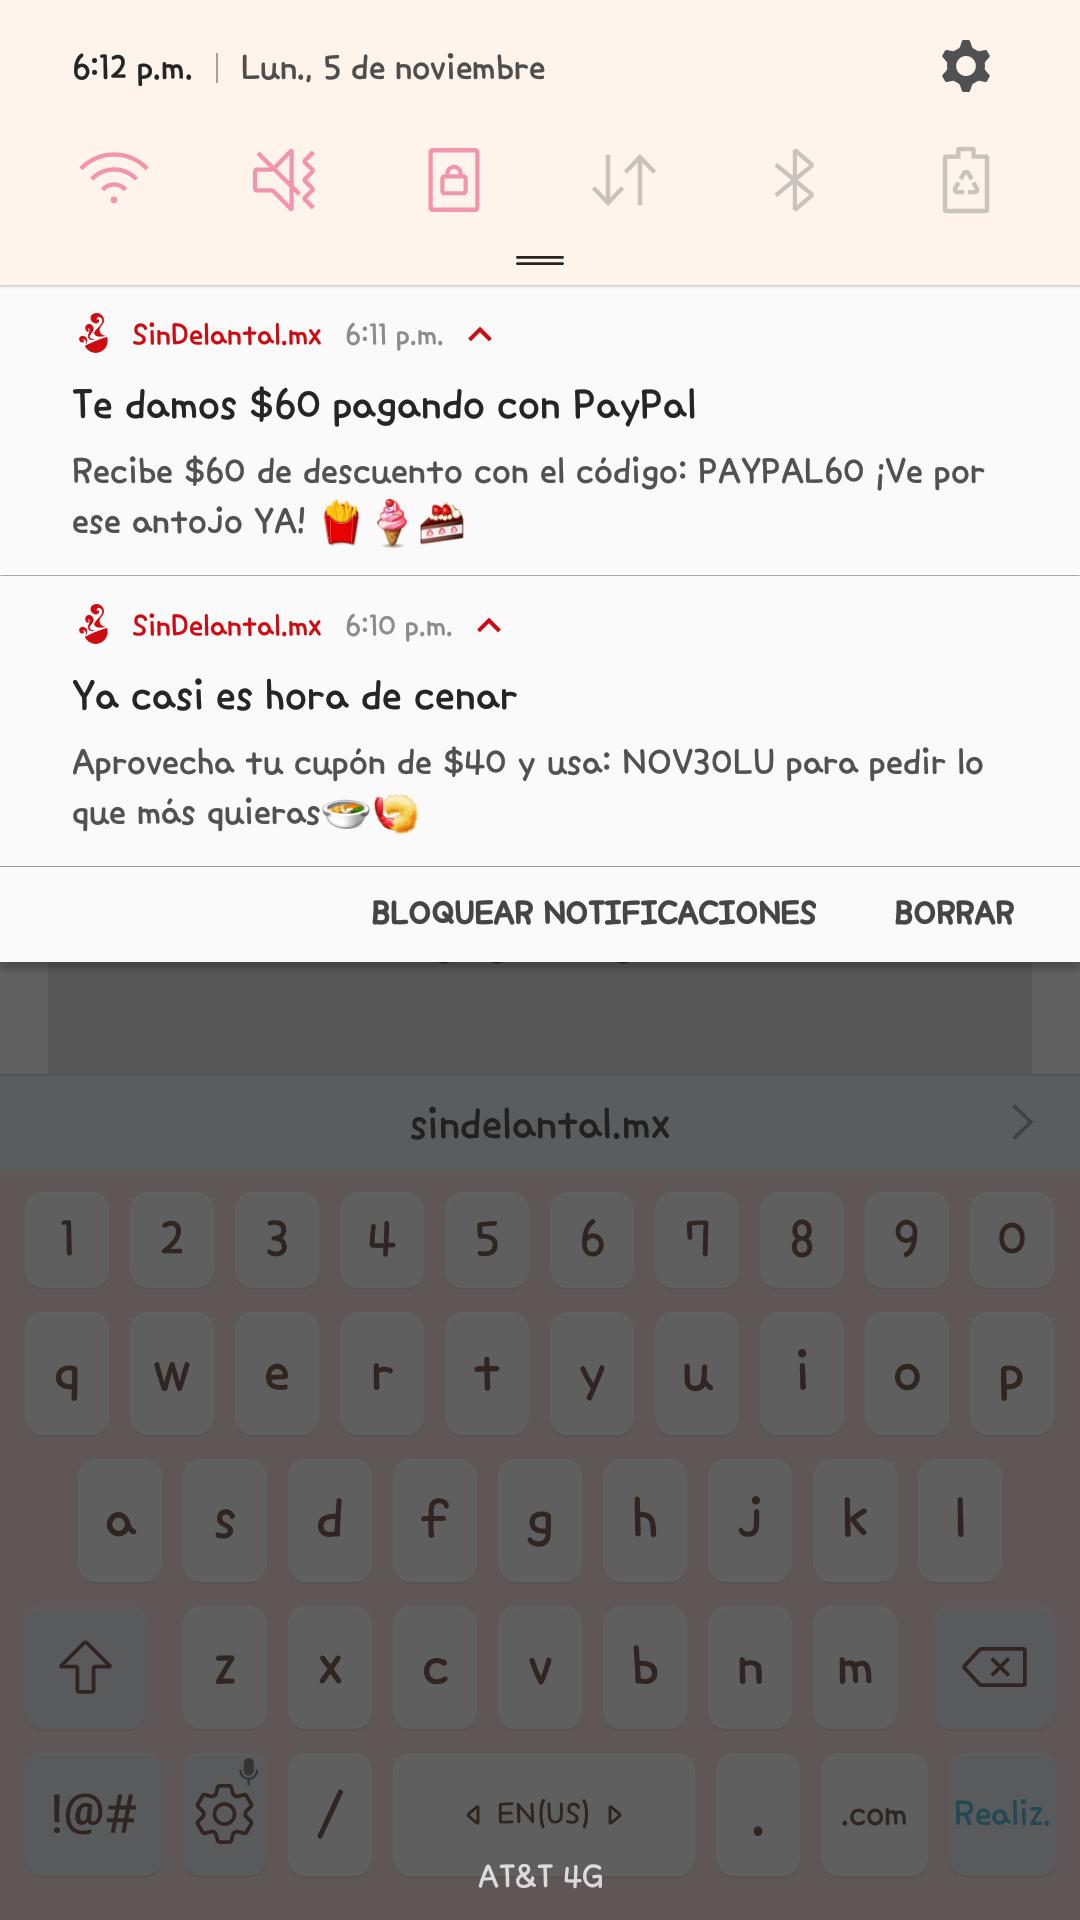 60 pesos gratis pagando con paypal amiguitos